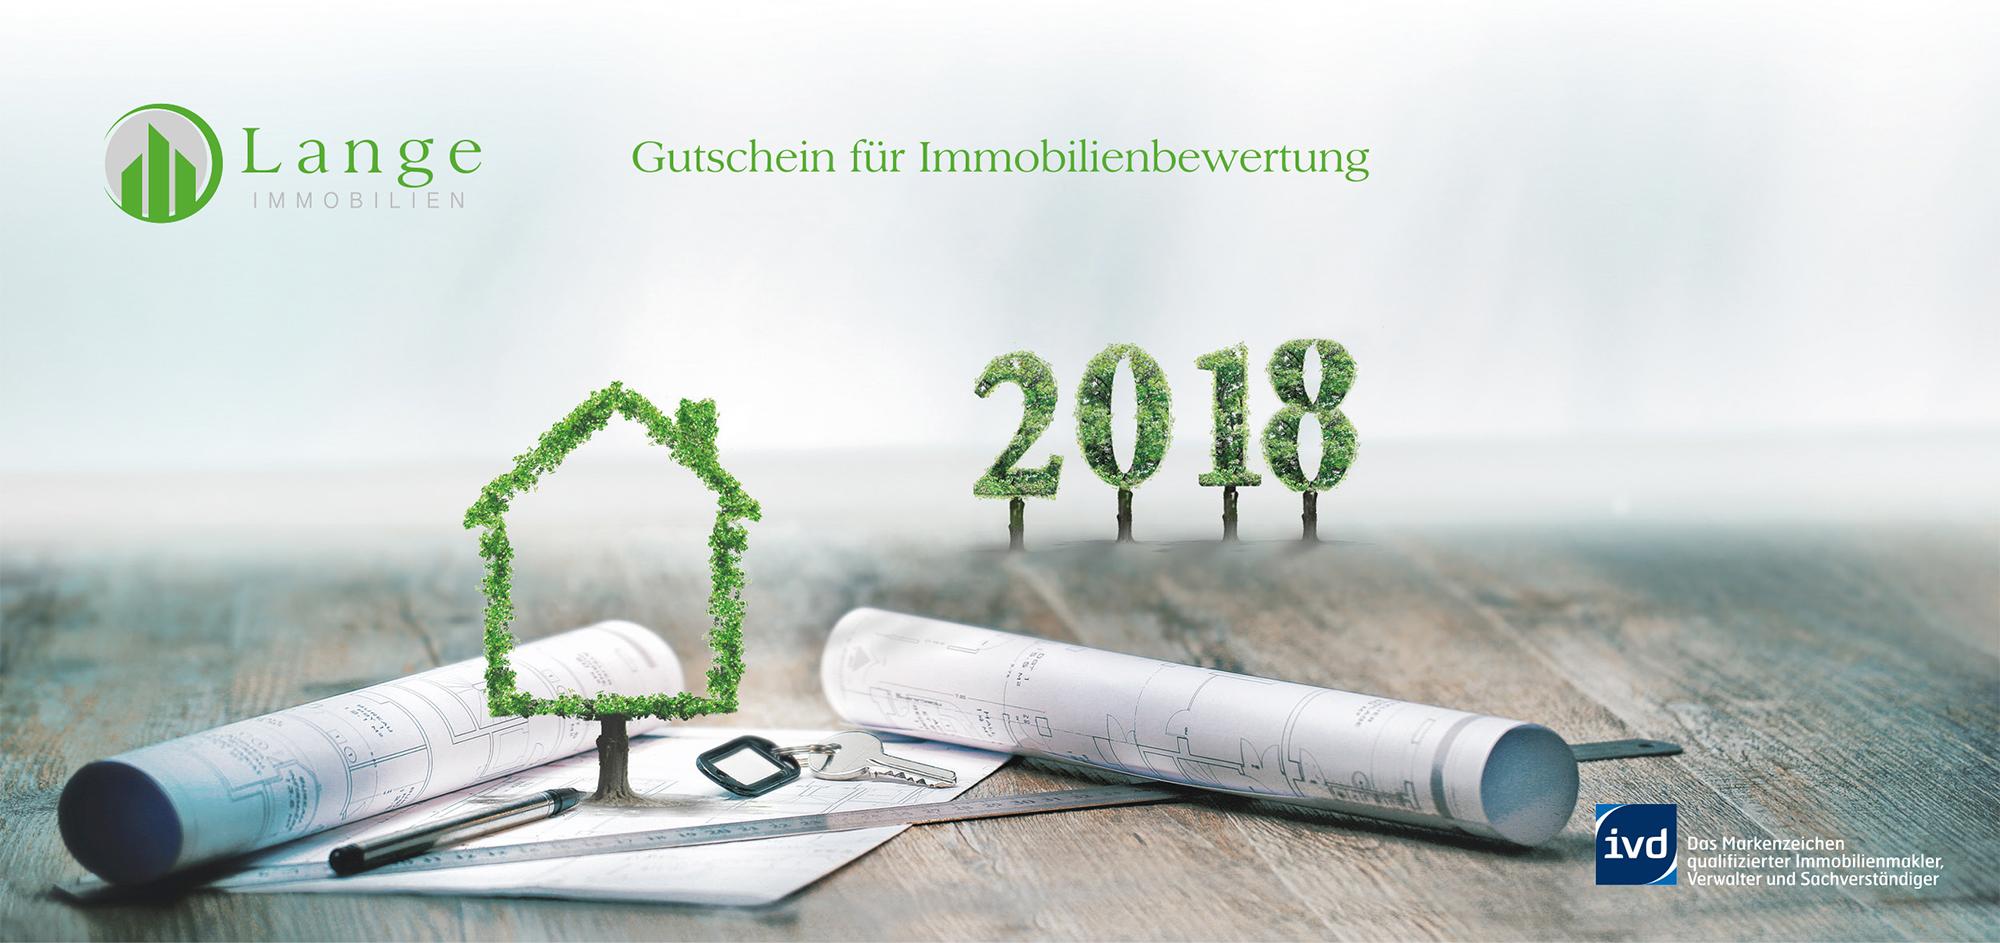 Gutschein für Immobilienbewertung 2018